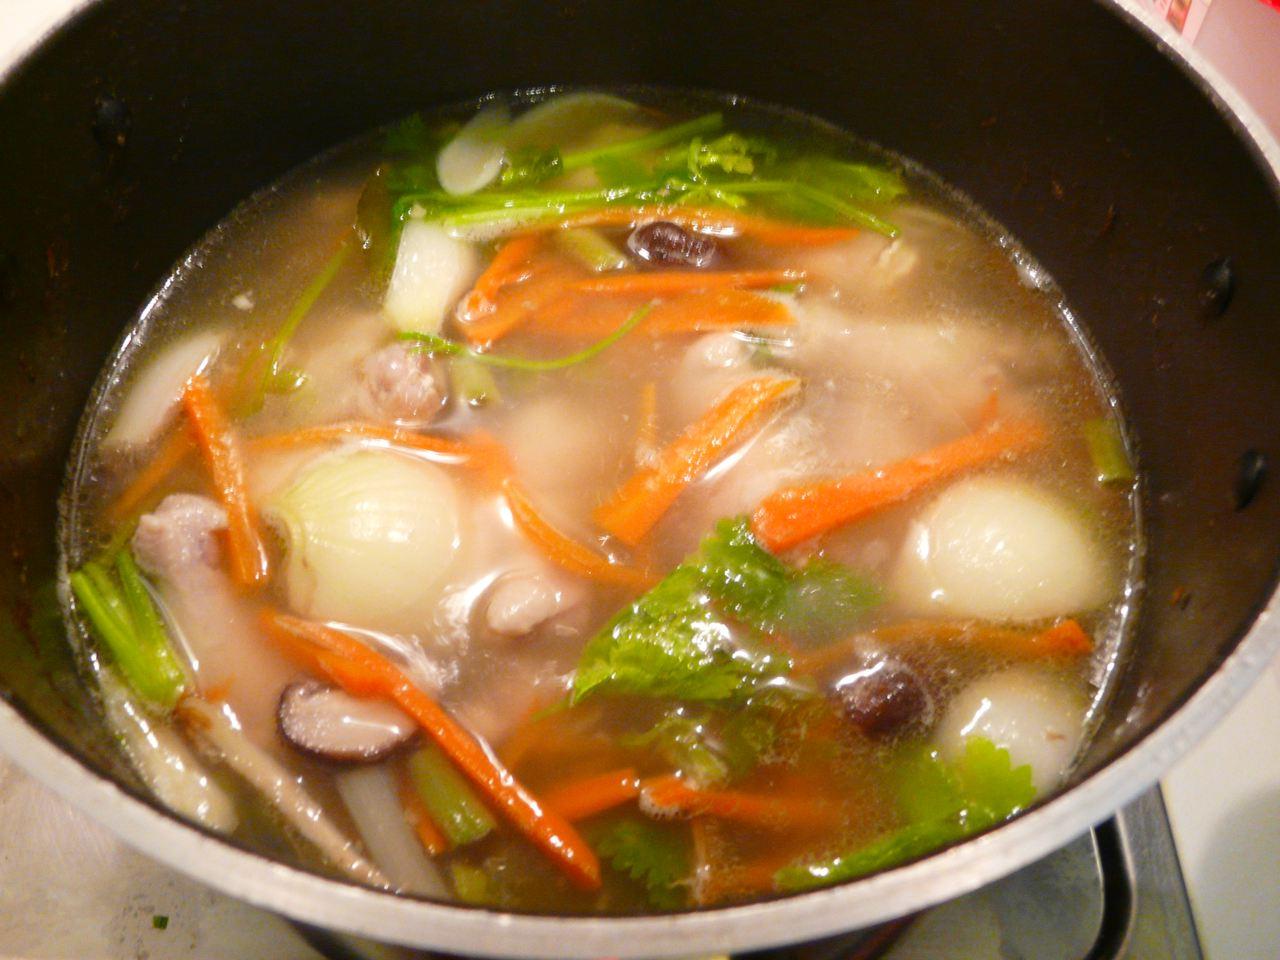 Thaihühnerbrühe mit Hähnchenklein und Thai Suppengemüse 45 Minuten  kochen